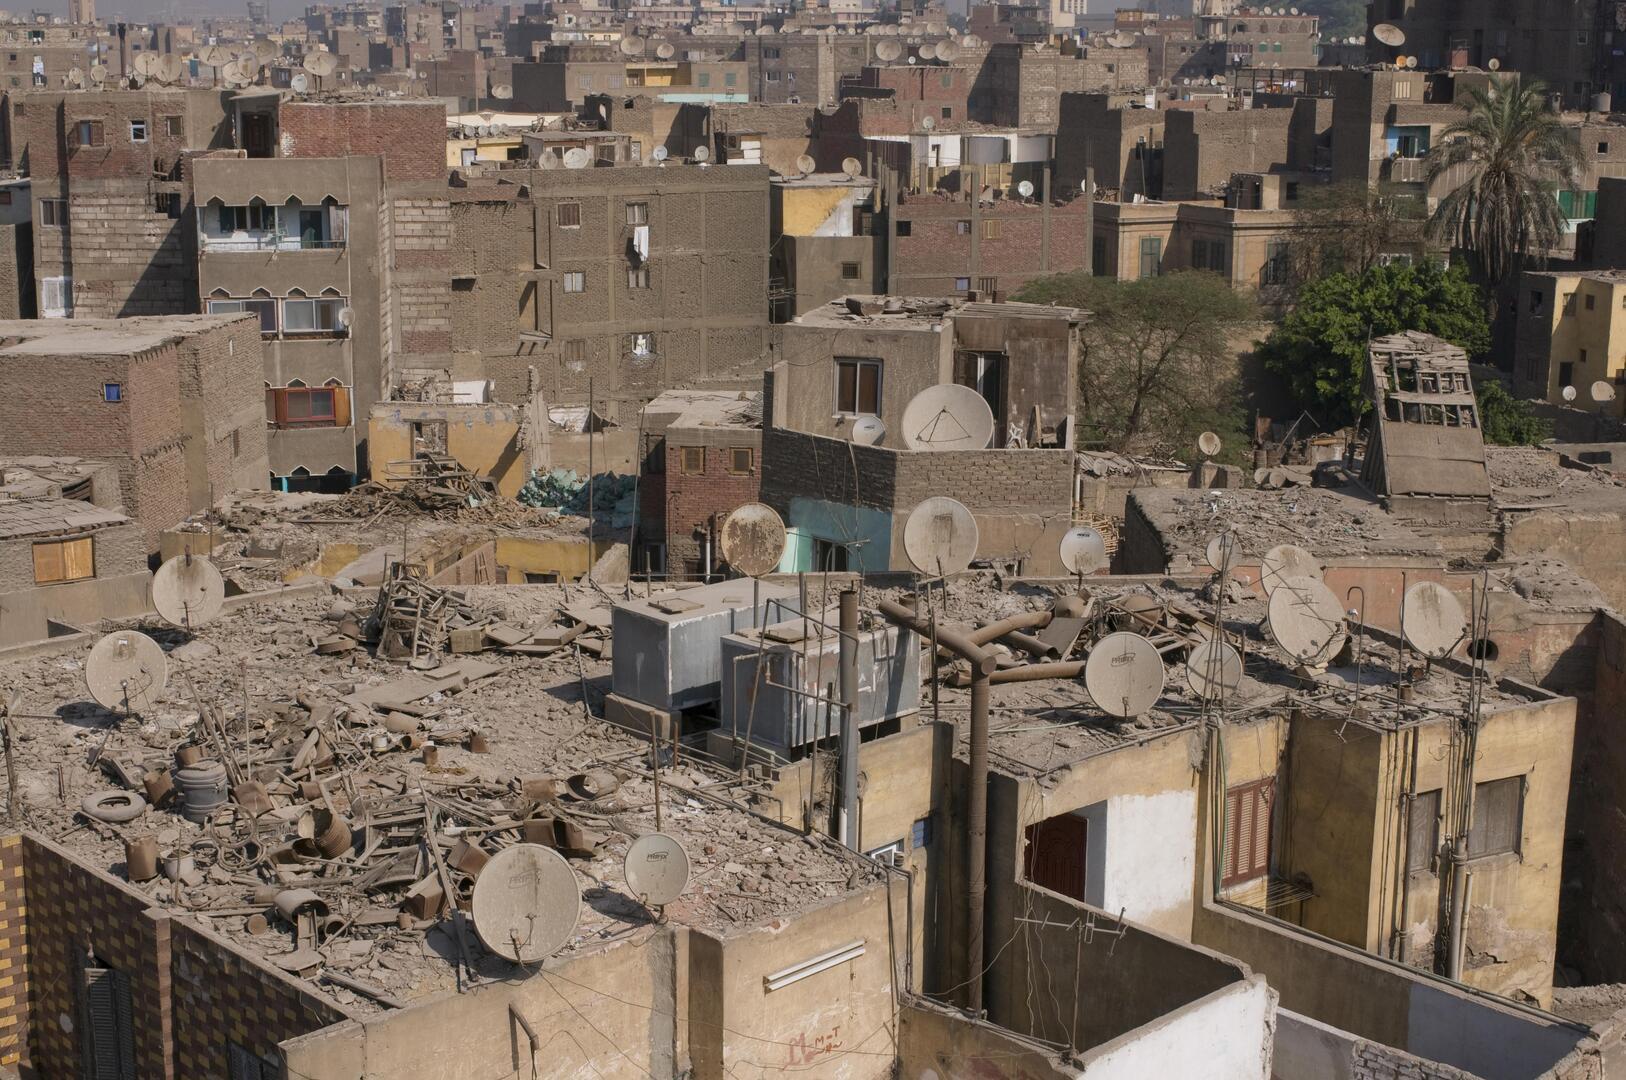 مصر.. تحقيقات موسعة في واقعة العثور على آلاف من عبوات لقاح كورونا بجوار ترعة مياه (صور+فيديو)